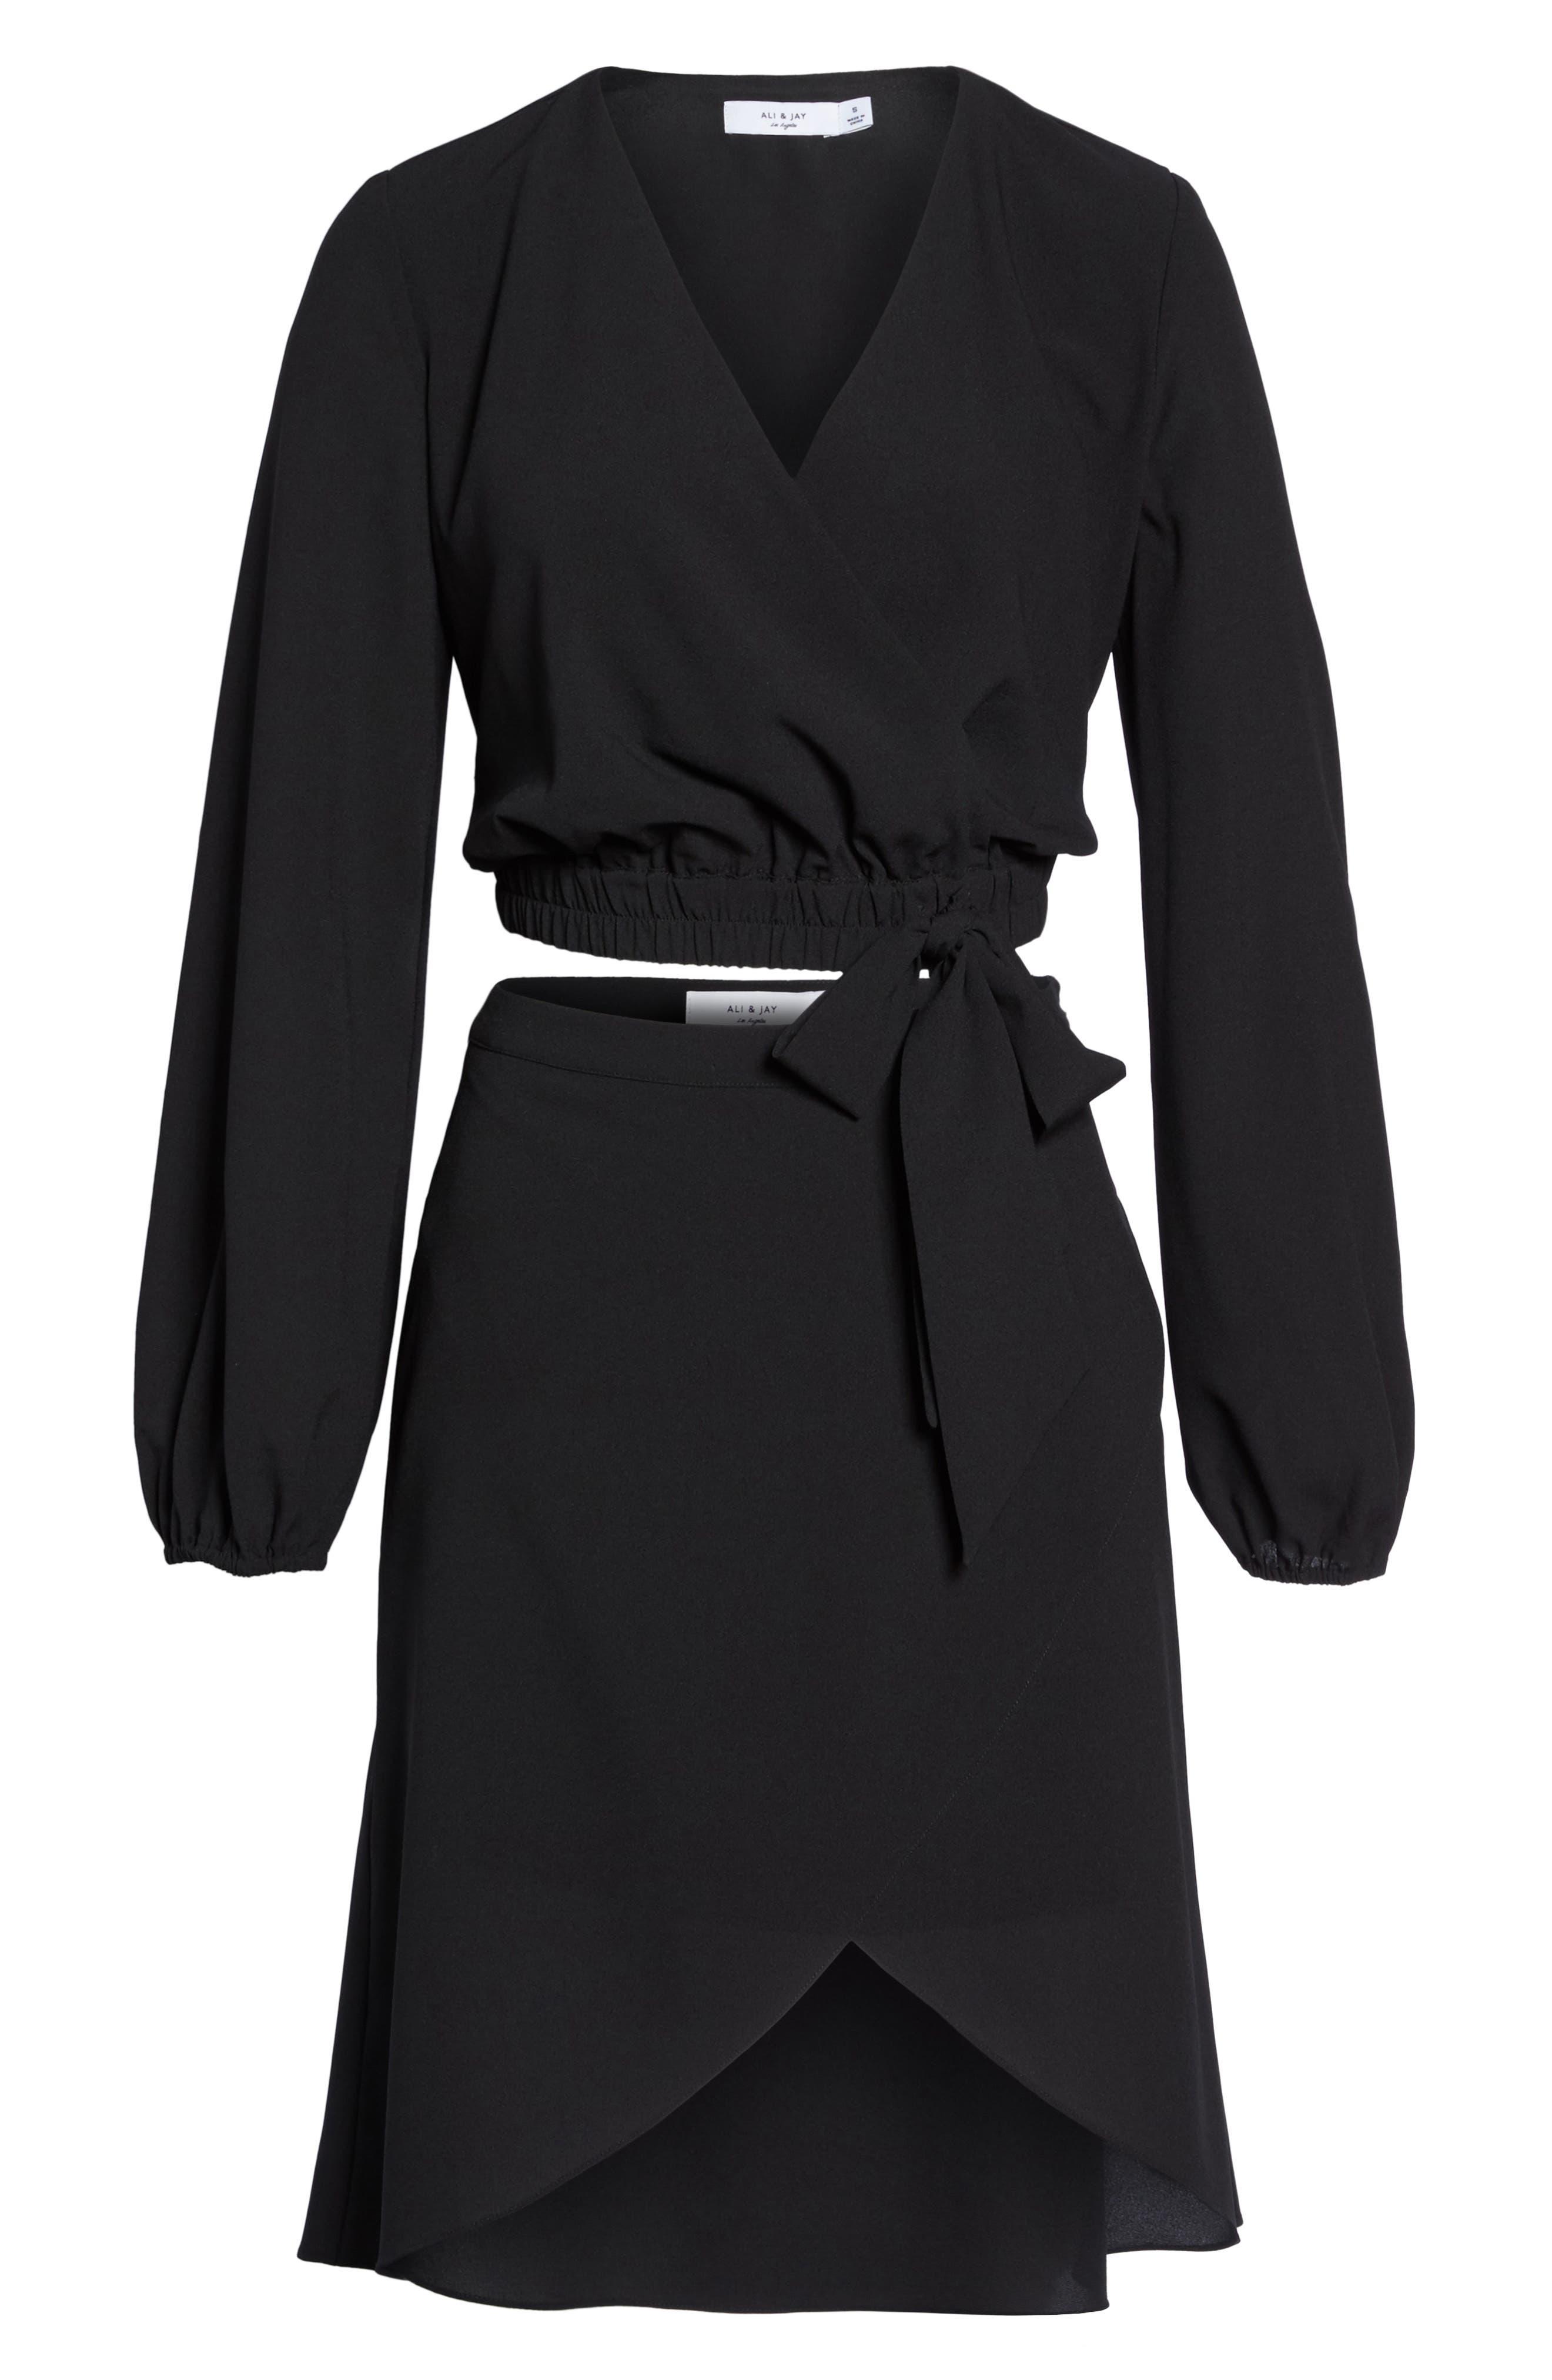 St. Tropez Two-Piece Dress,                             Alternate thumbnail 7, color,                             Black